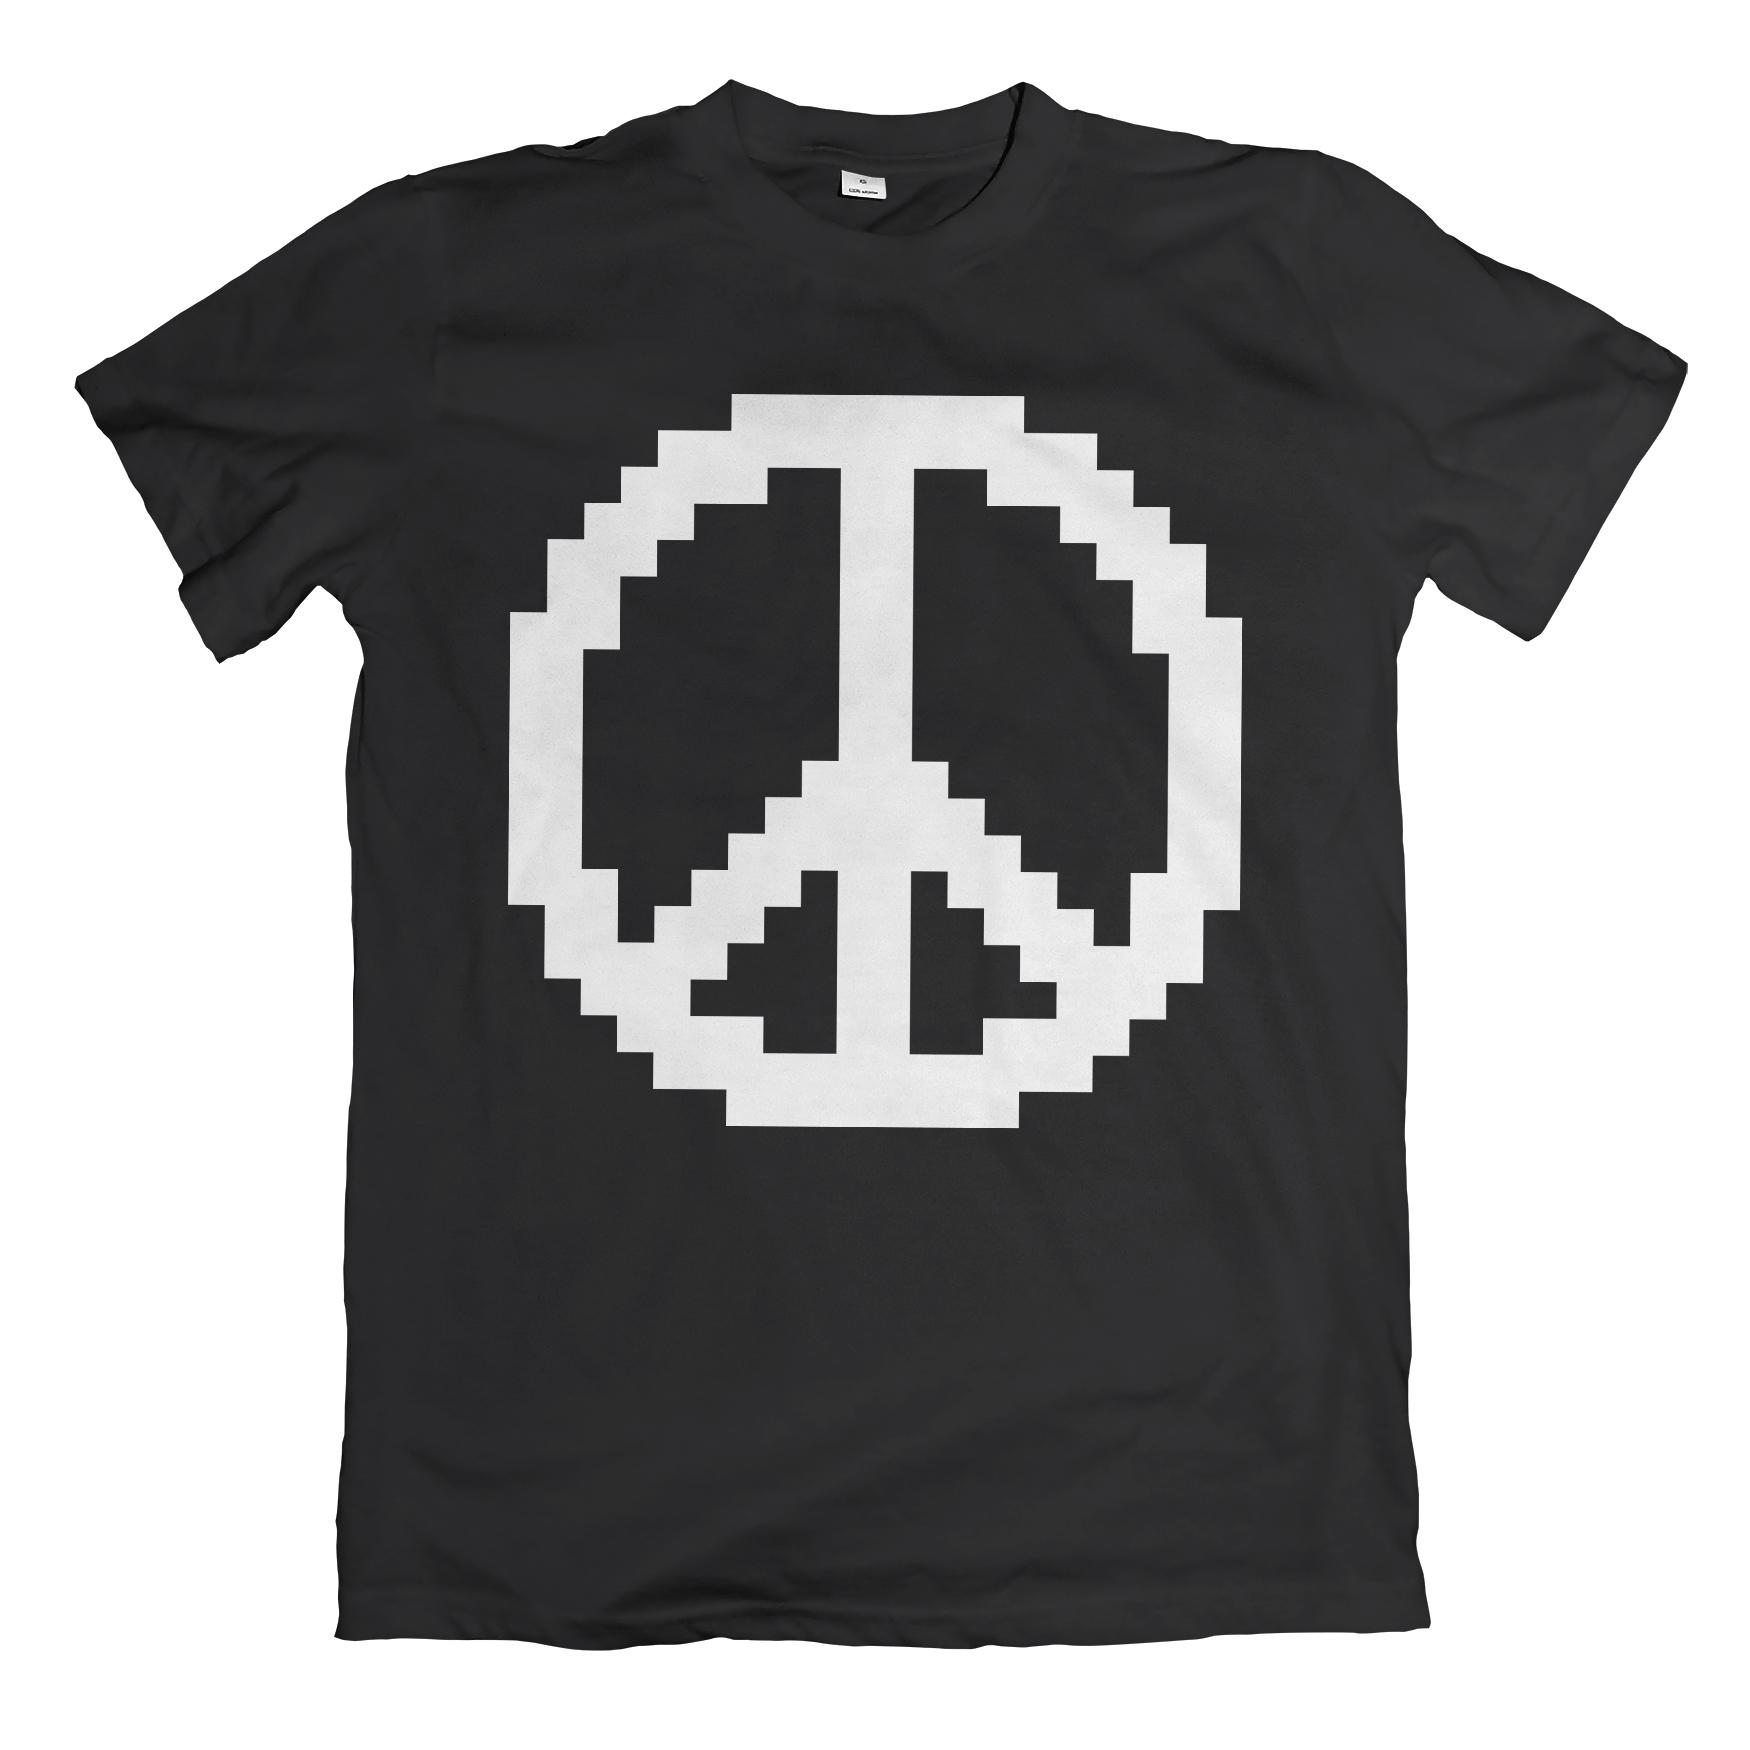 Peace ☮ - ✌